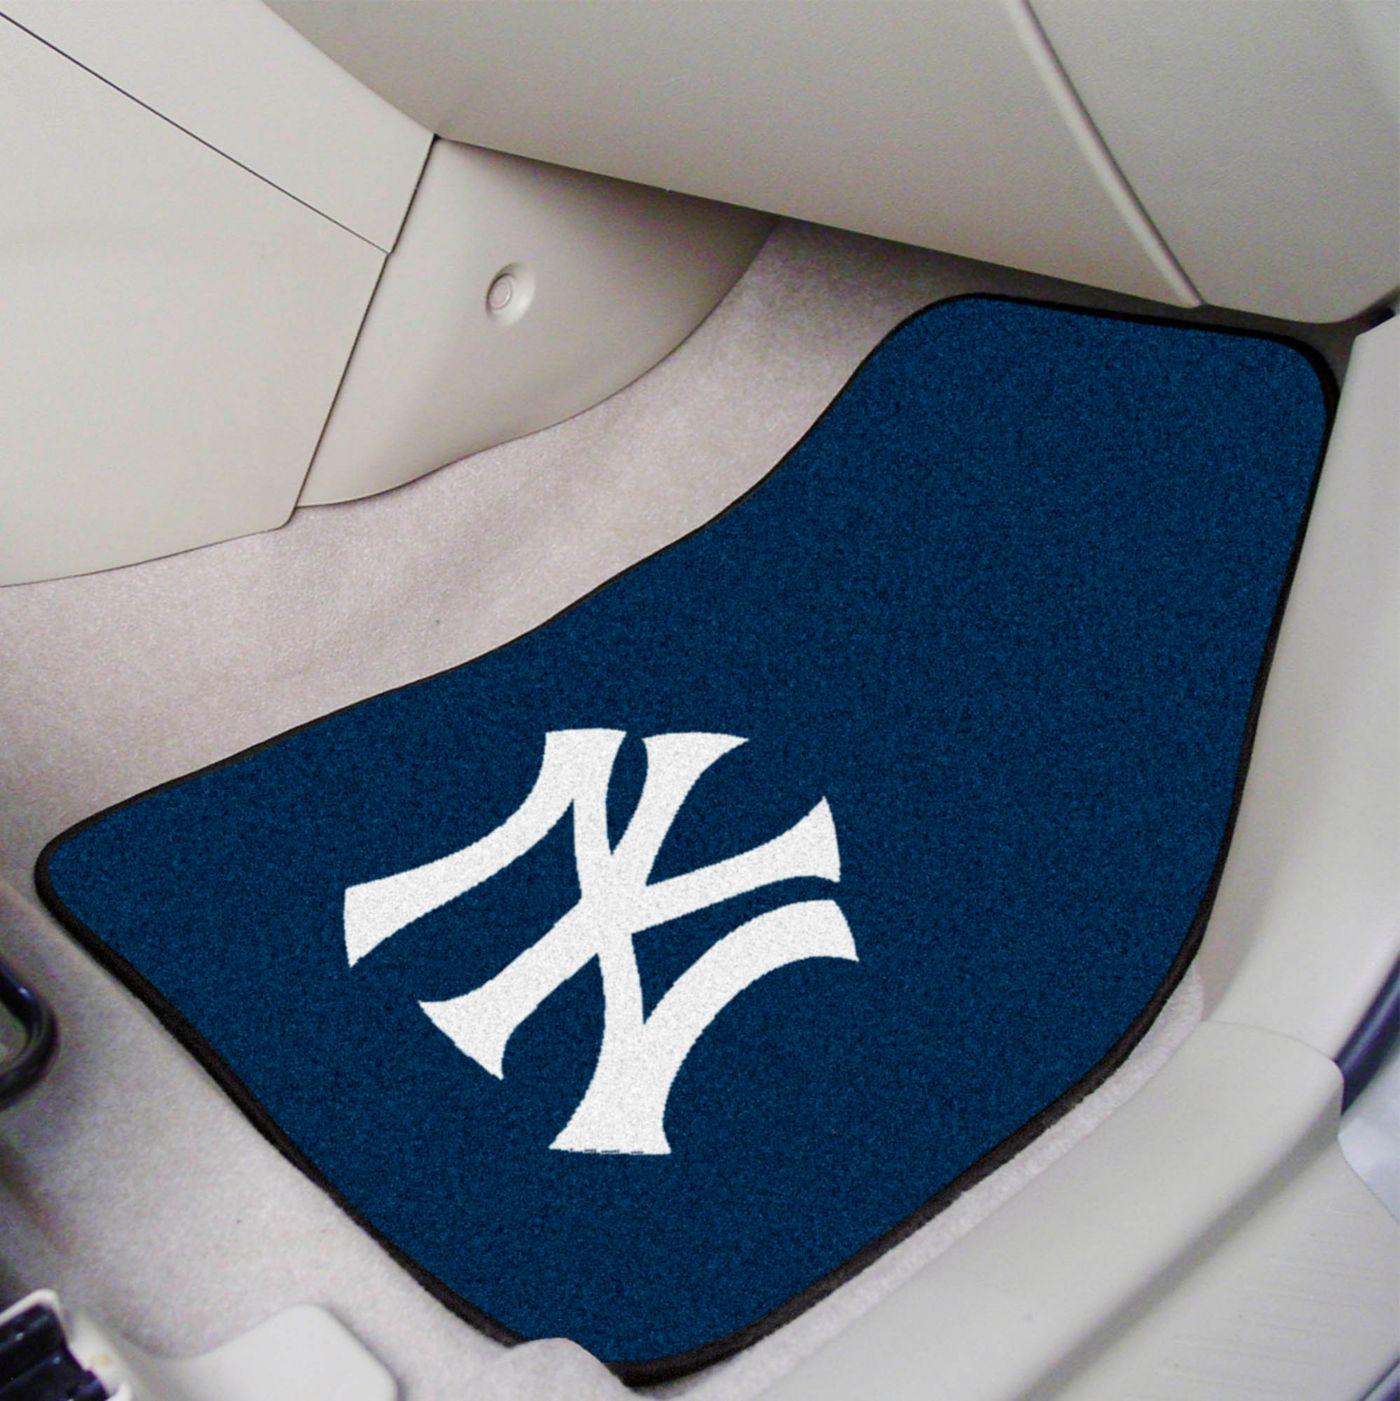 FANMATS New York Yankees Printed Car Mats 2-Pack